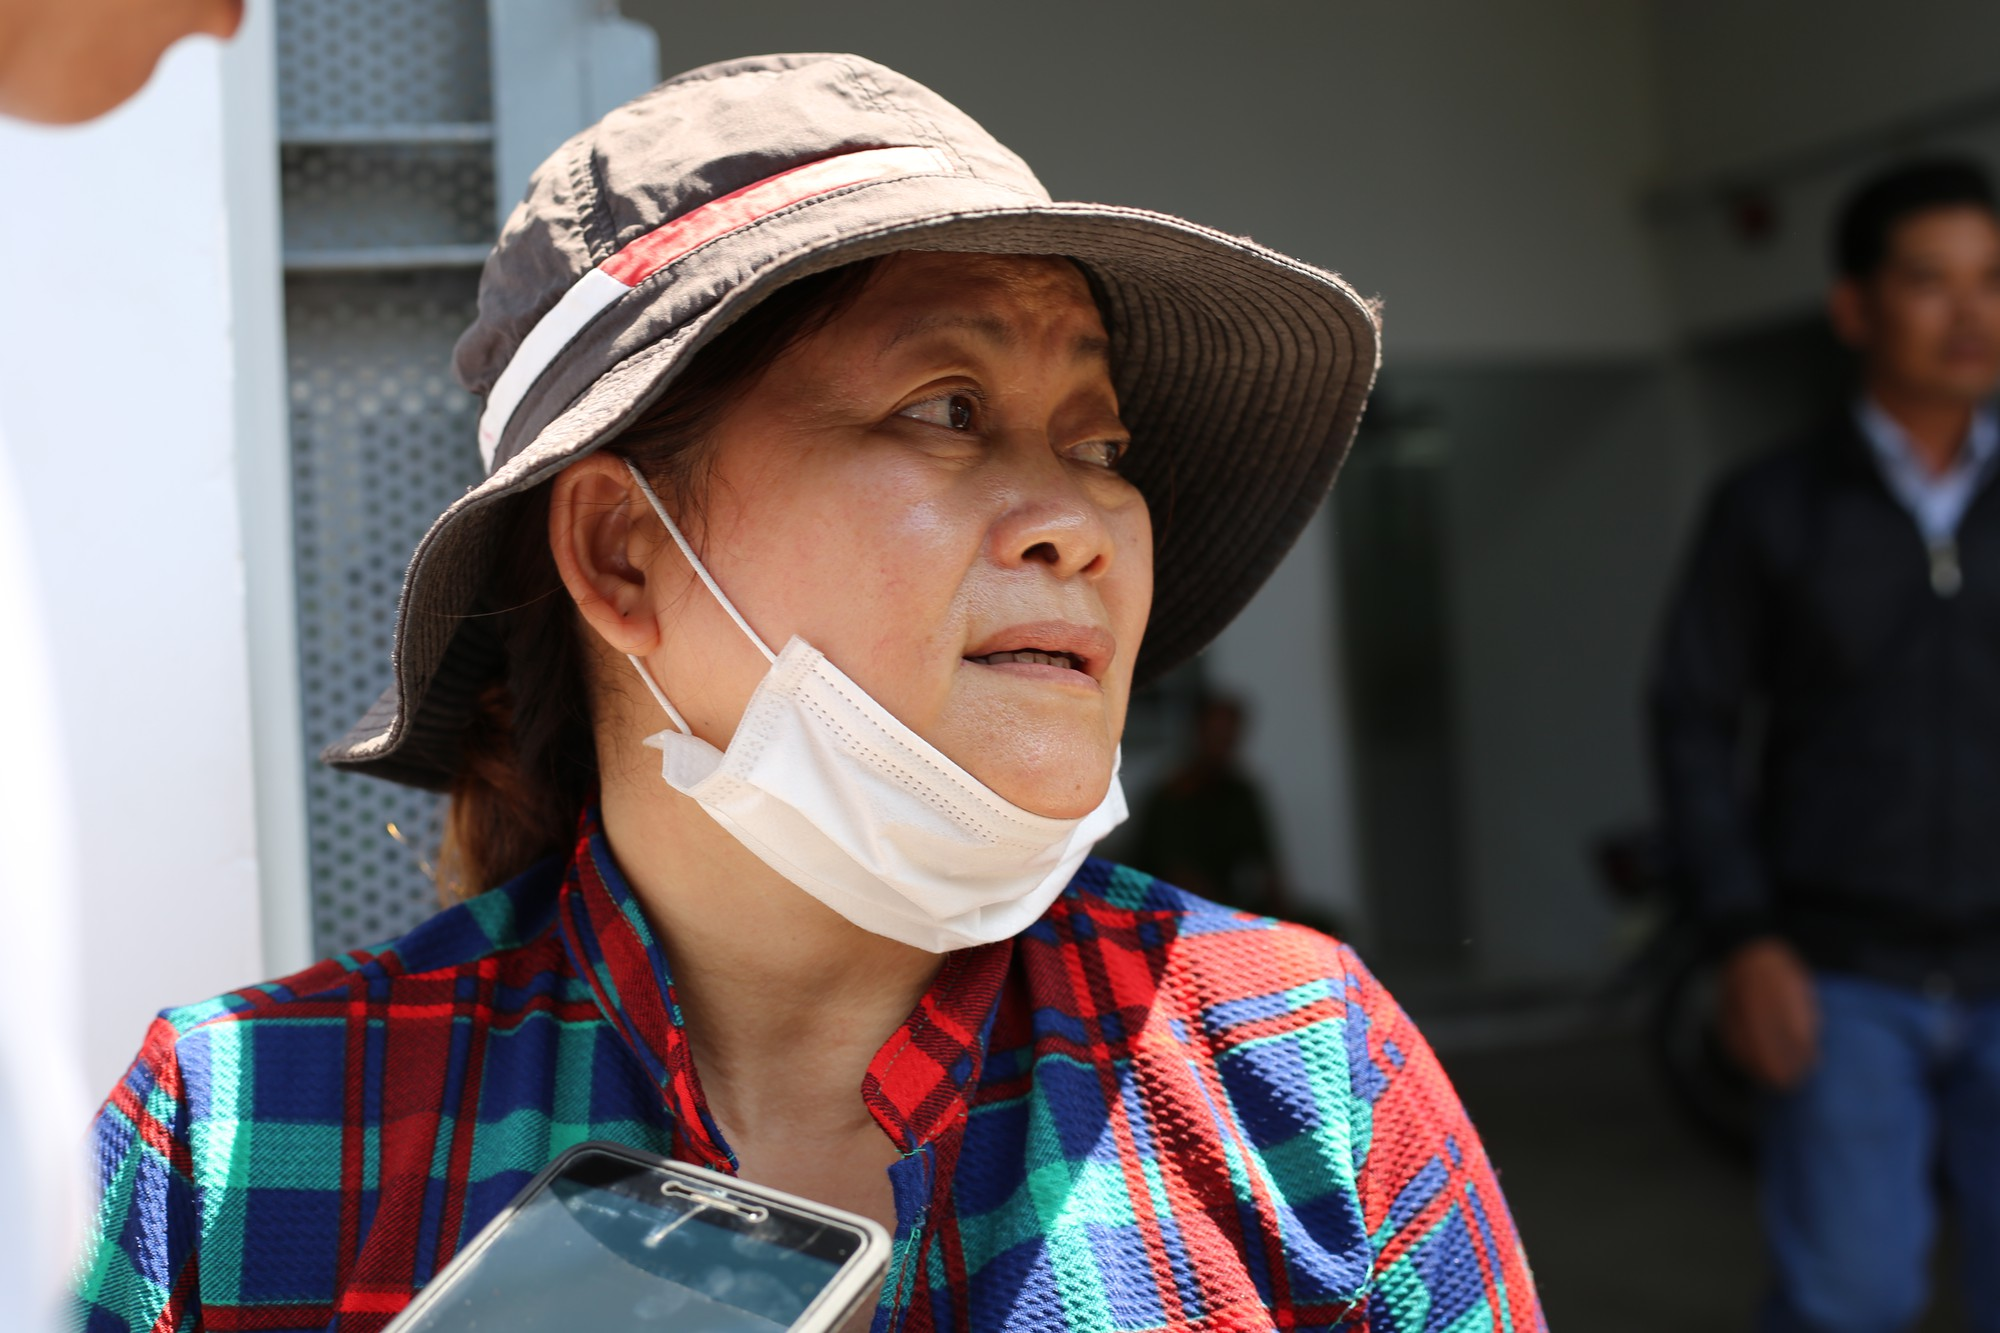 Vợ sắp cưới của hiệp sĩ Nguyễn Hoàng Nam khóc ngất bên linh cữu của chồng - Ảnh 3.